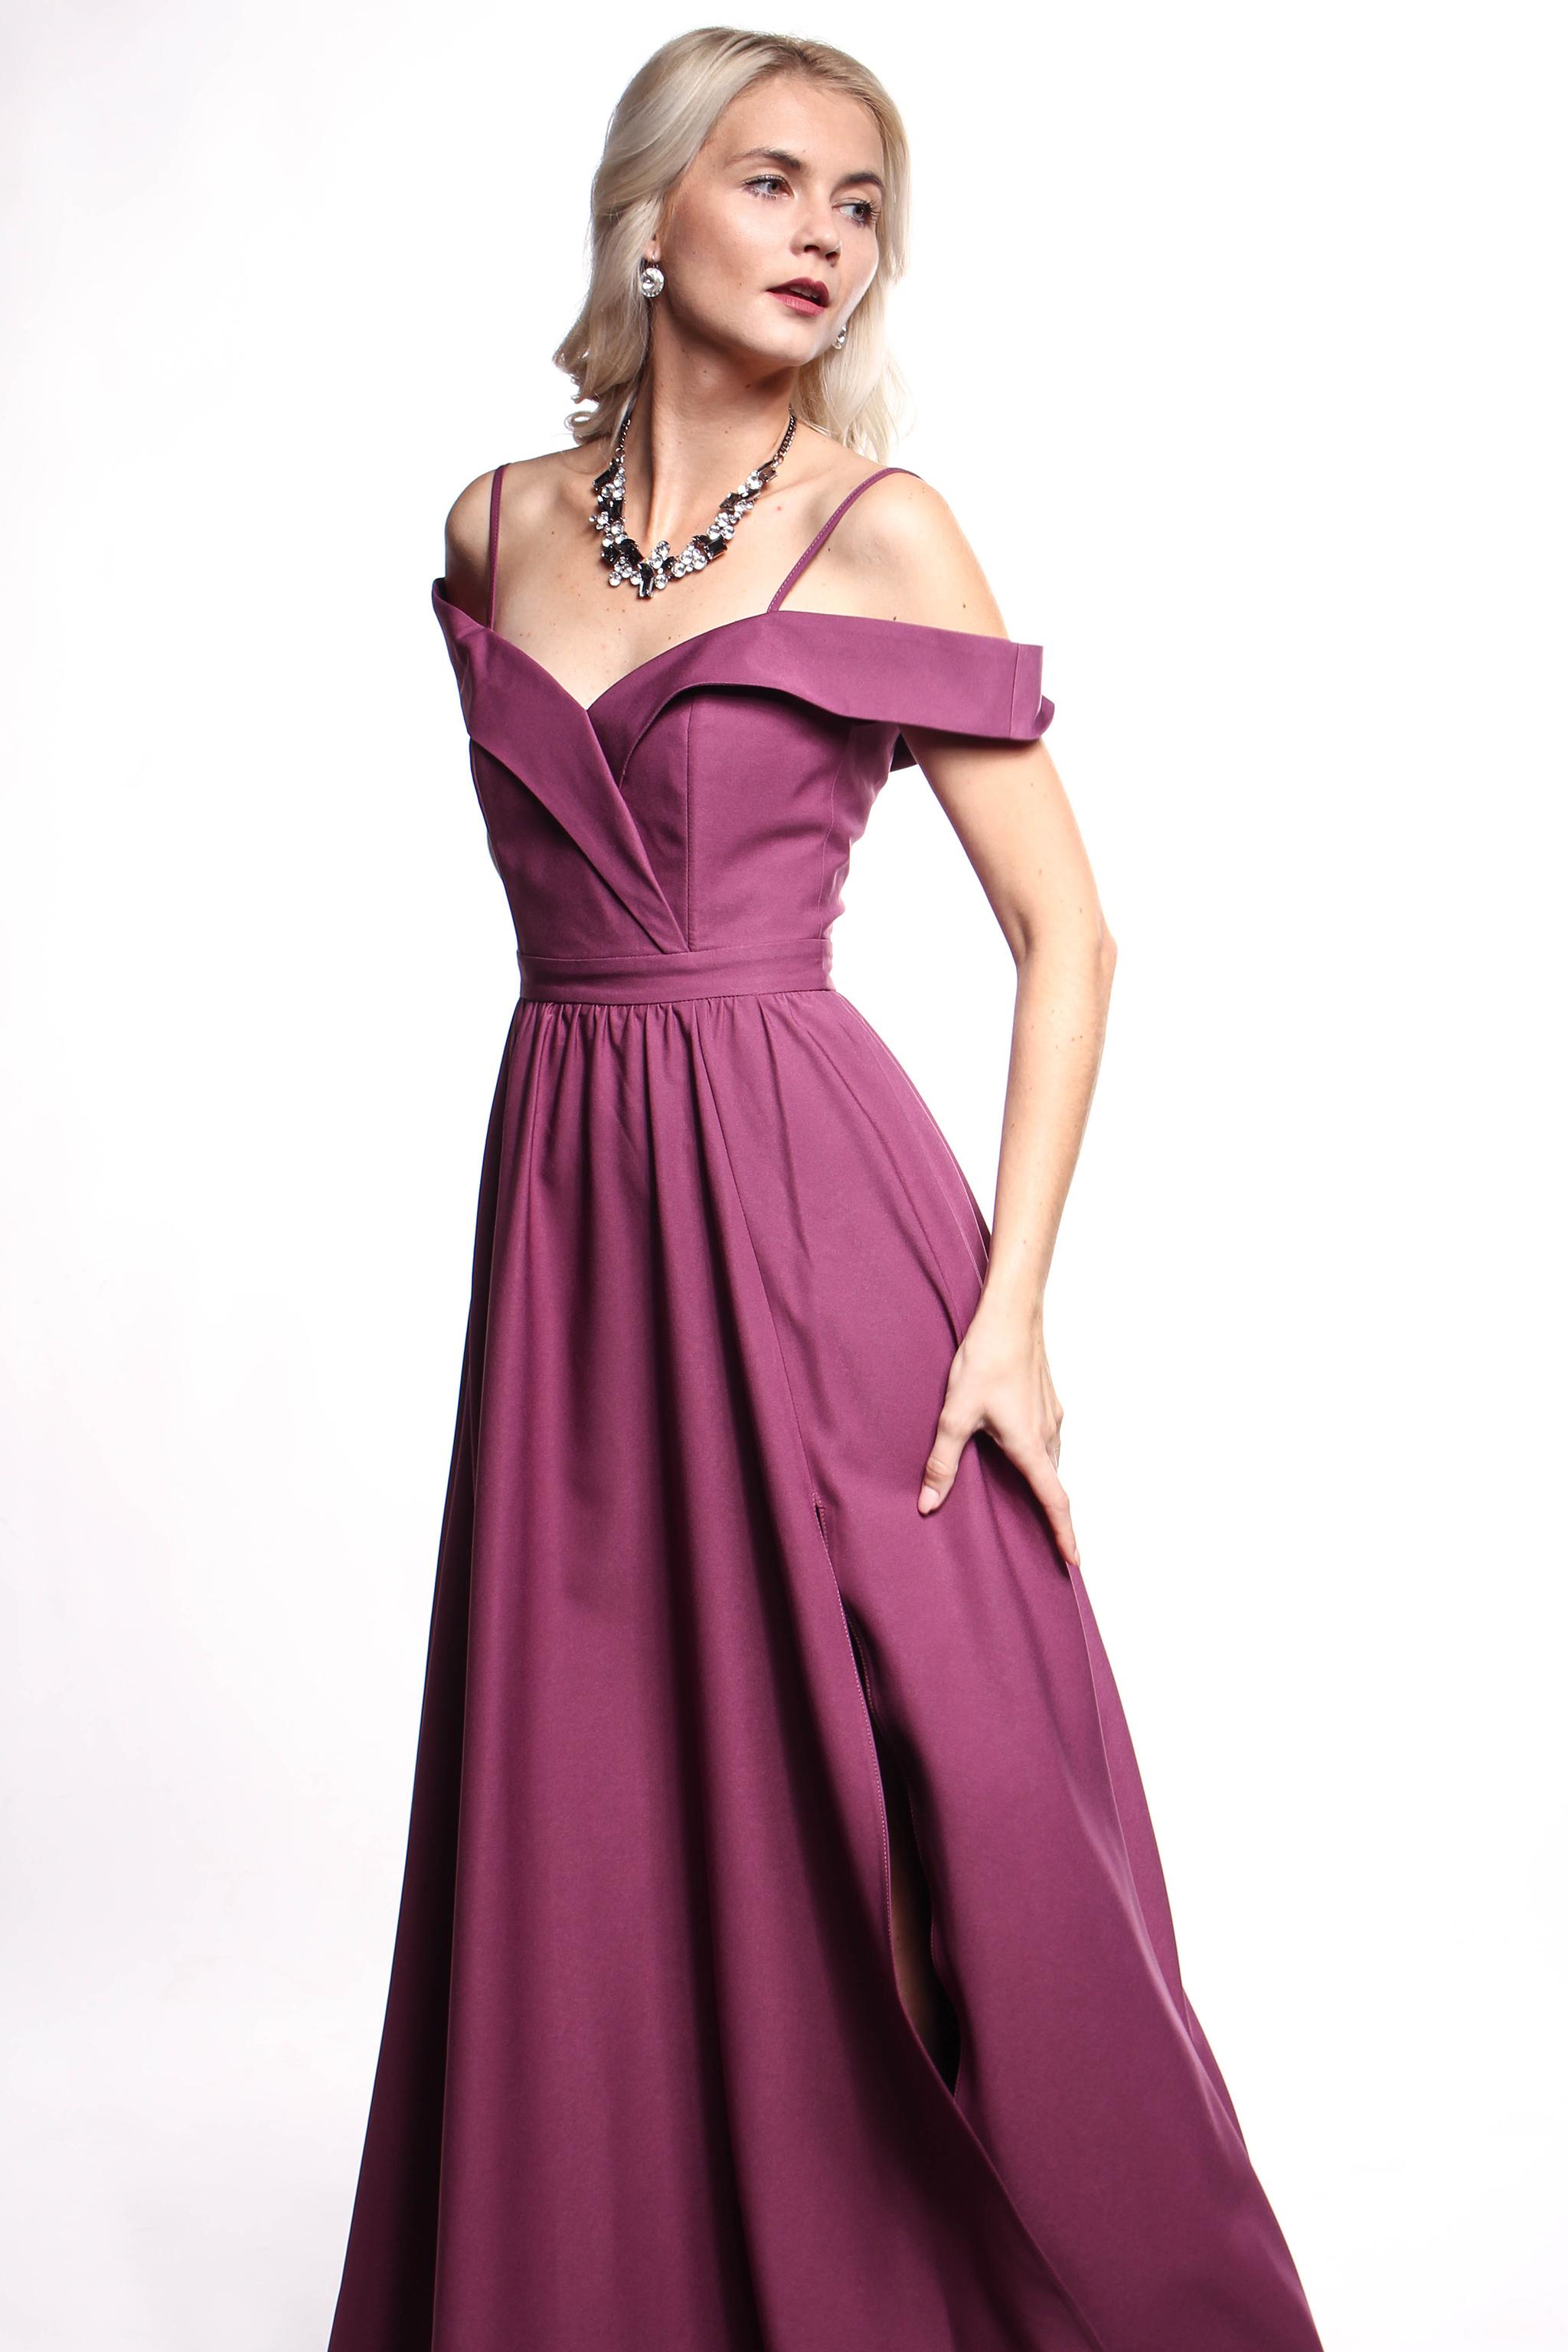 536972b8e6b1 Obrázok 3 Fialové plesové šaty